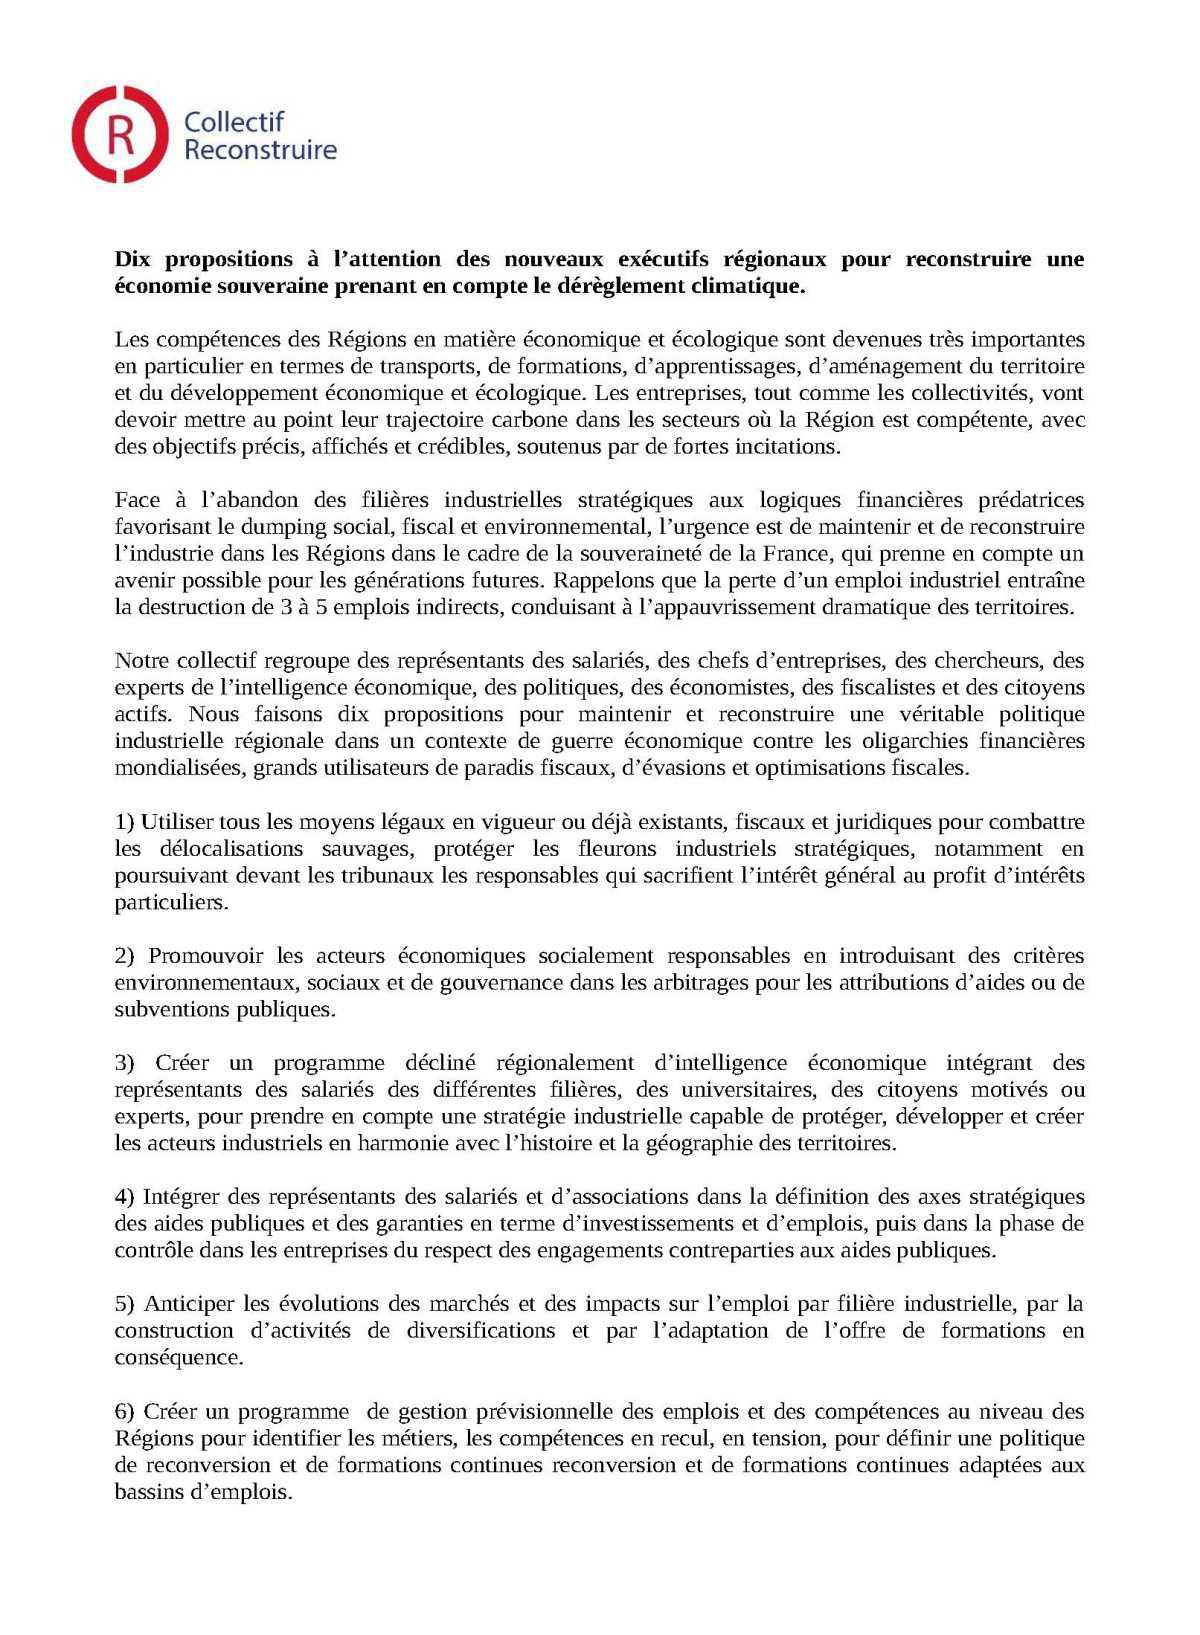 Communiqué de presse du collectif Reconstruire ainsi 10 propositions pour une industrie souveraine et responsable à destination des futurs présidents de régions.